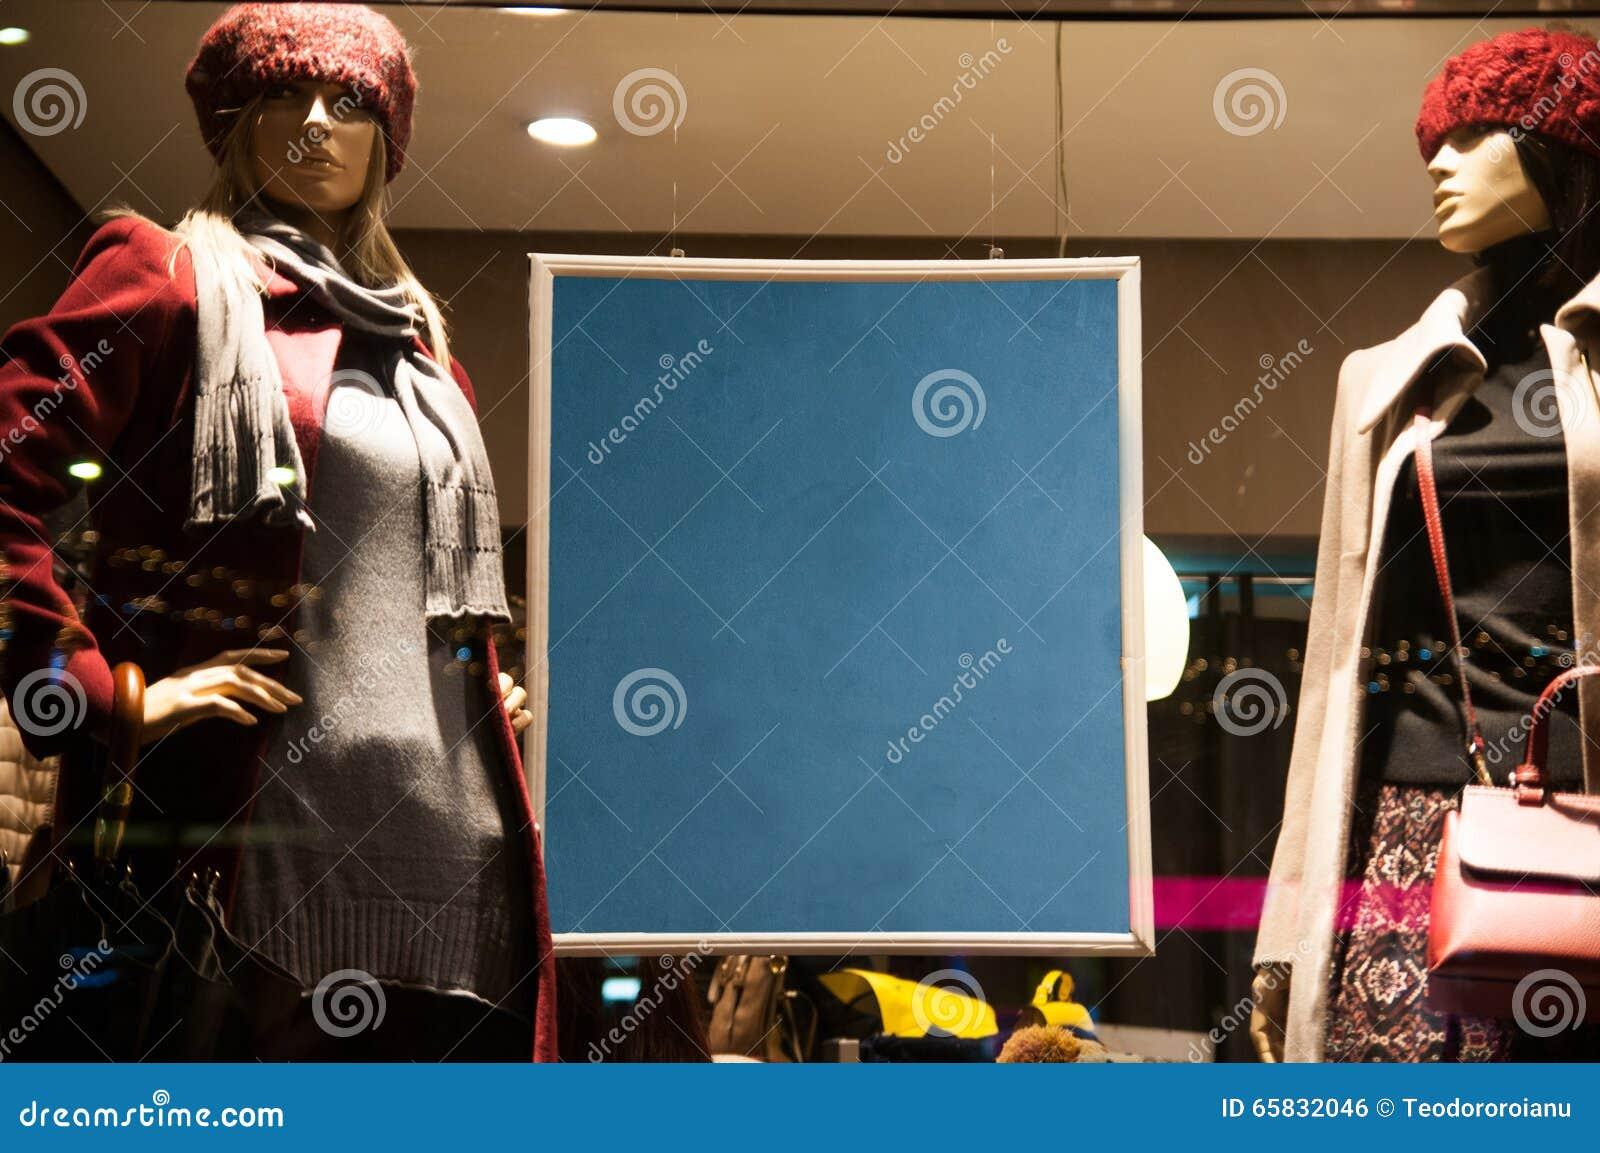 Shop sales blackboard